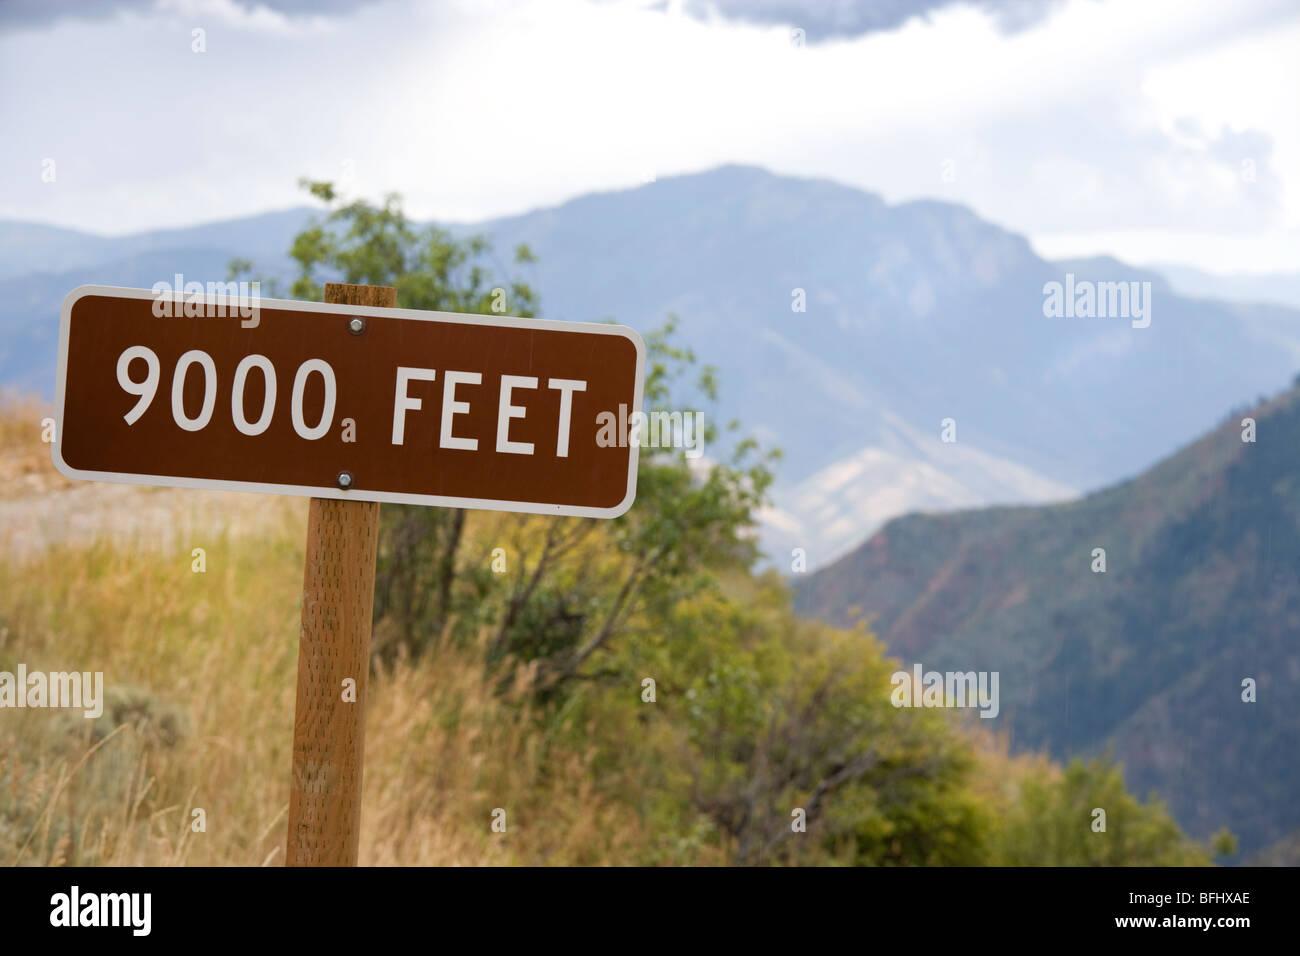 Melden Sie Höhe 9000 ft Füße. Mt Nebo Utah in der Ferne gesehen von der Utah Lake Overlook auf den Stockbild